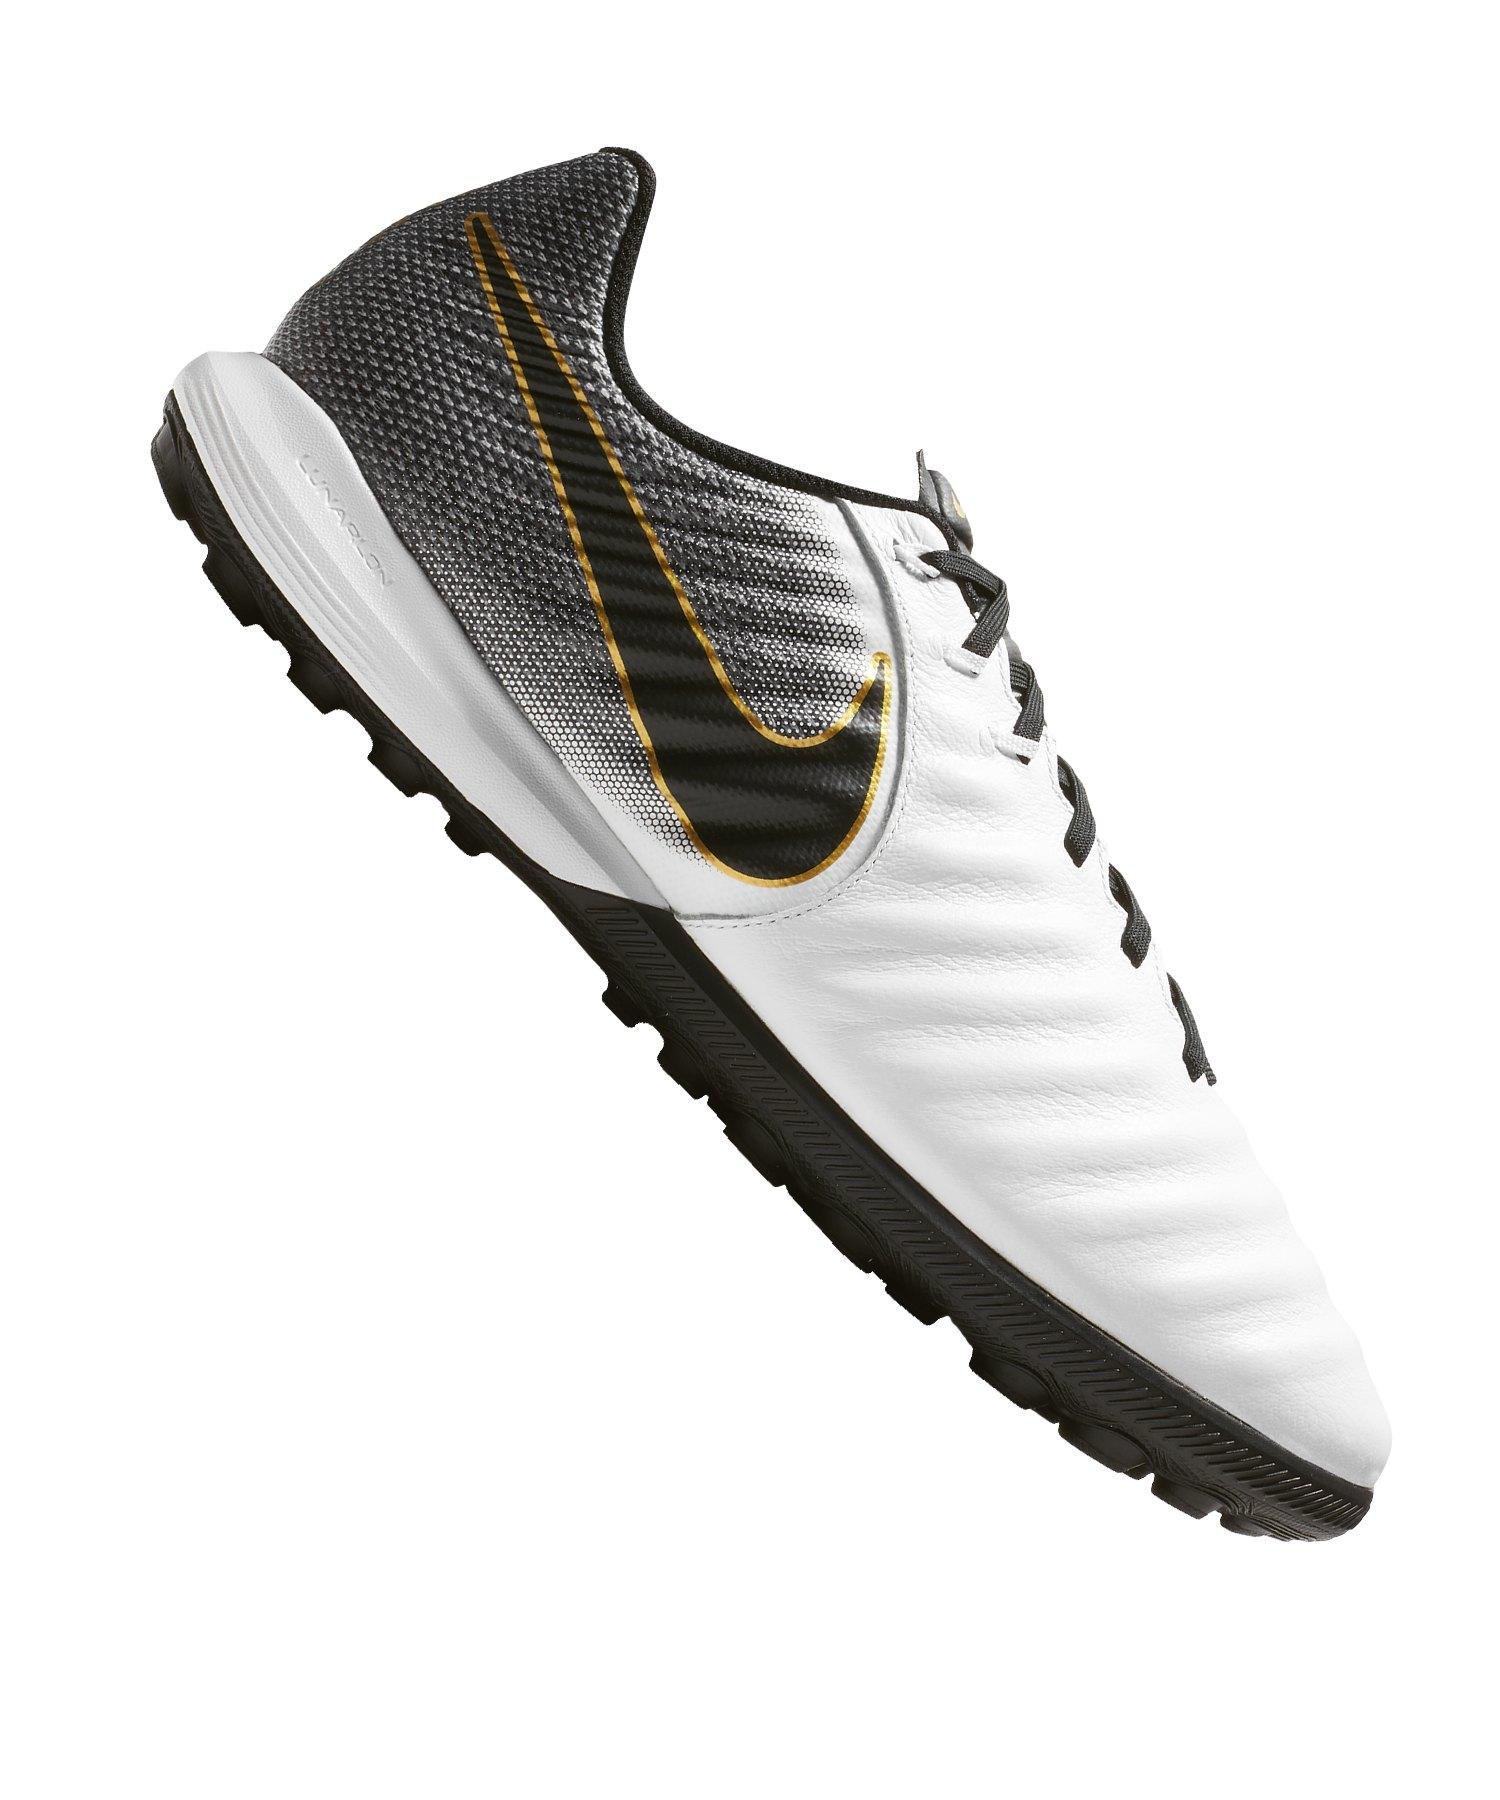 VII Weiss Nike TF Pro F100 LegendX Tiempo 0k8PXnOw